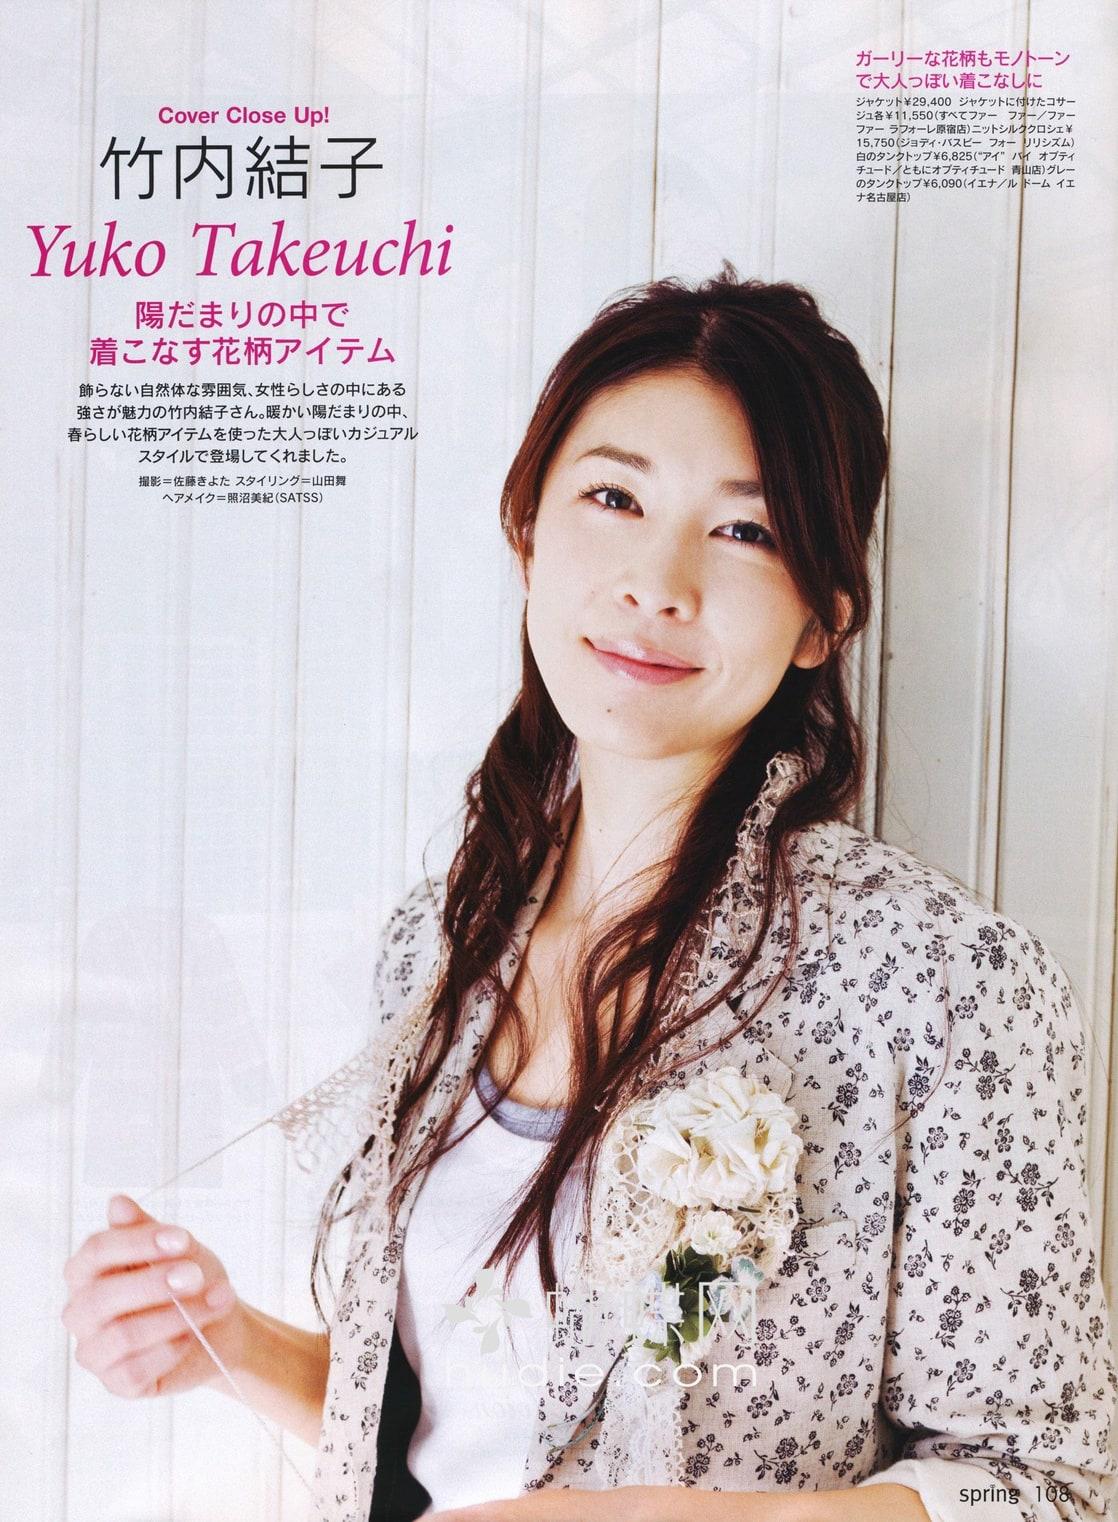 yuko takeuchi - photo #14